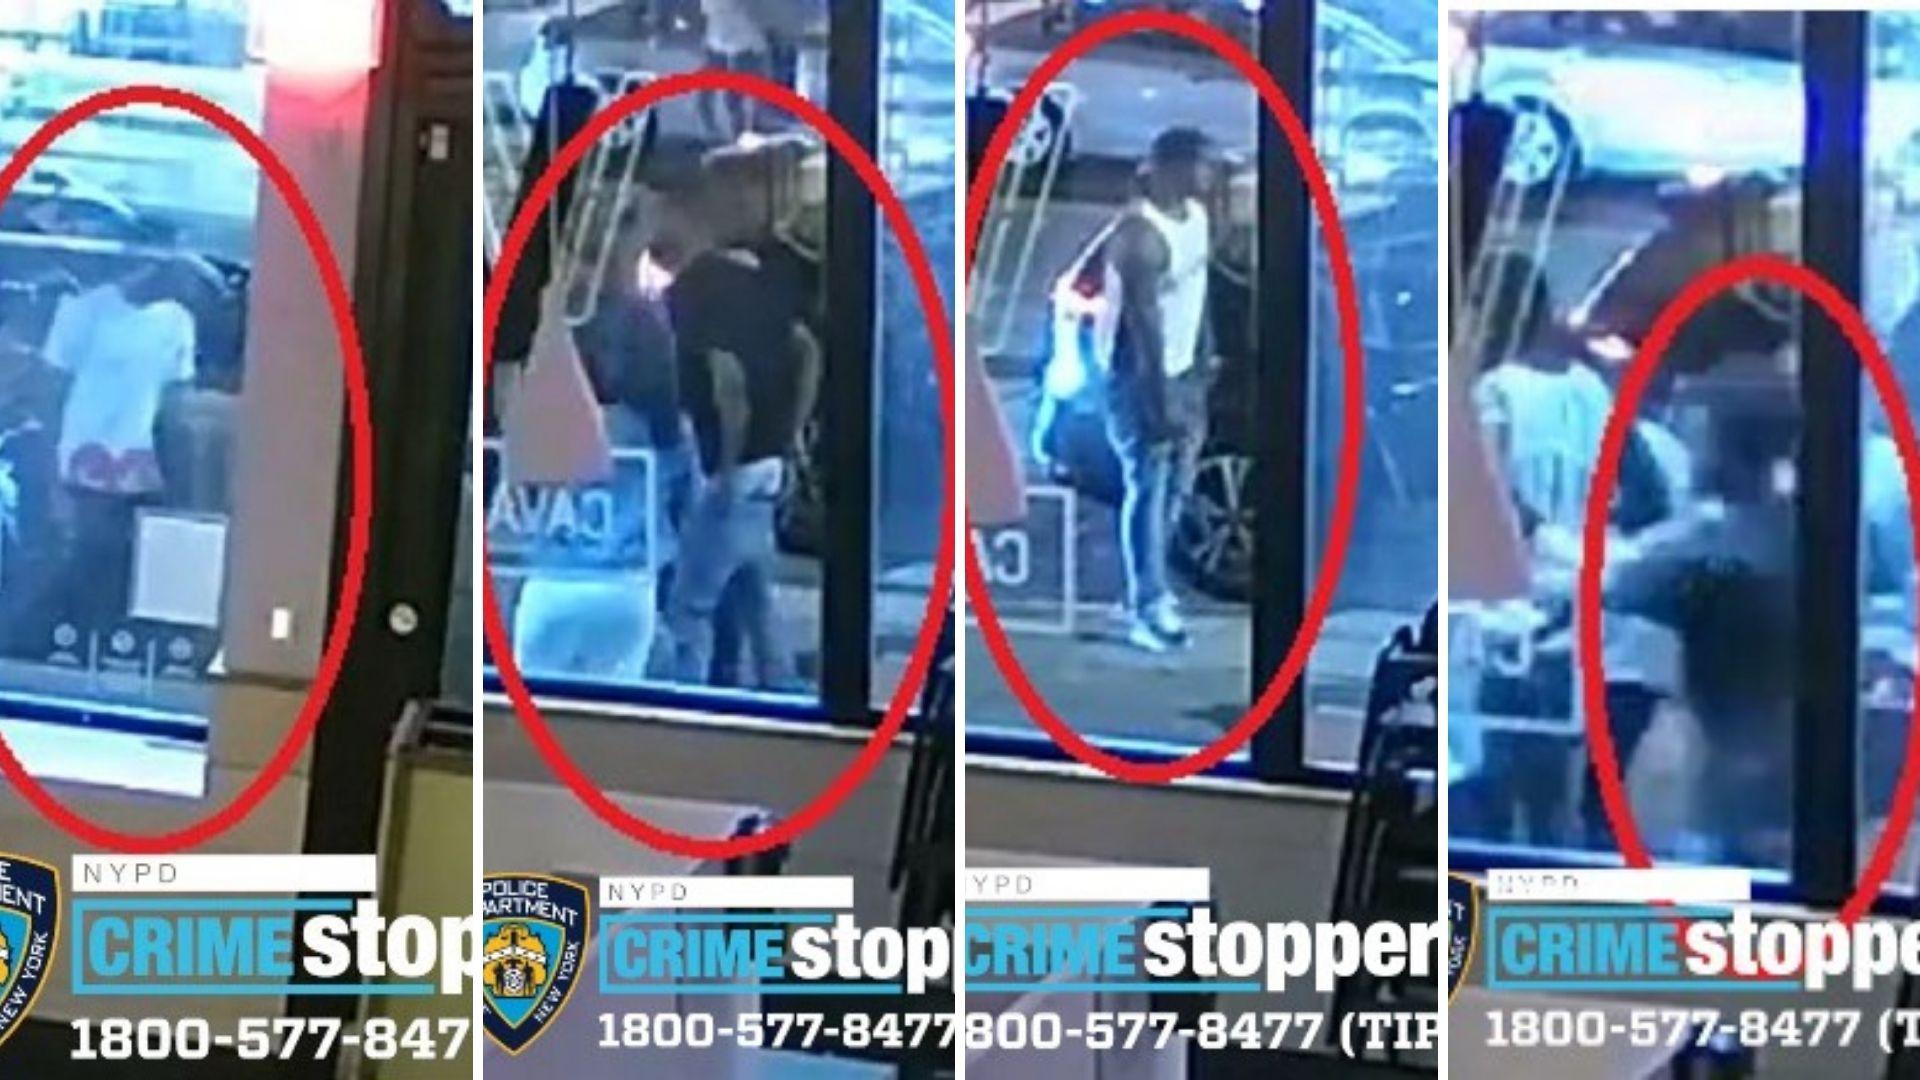 flatiron district stabbing suspects